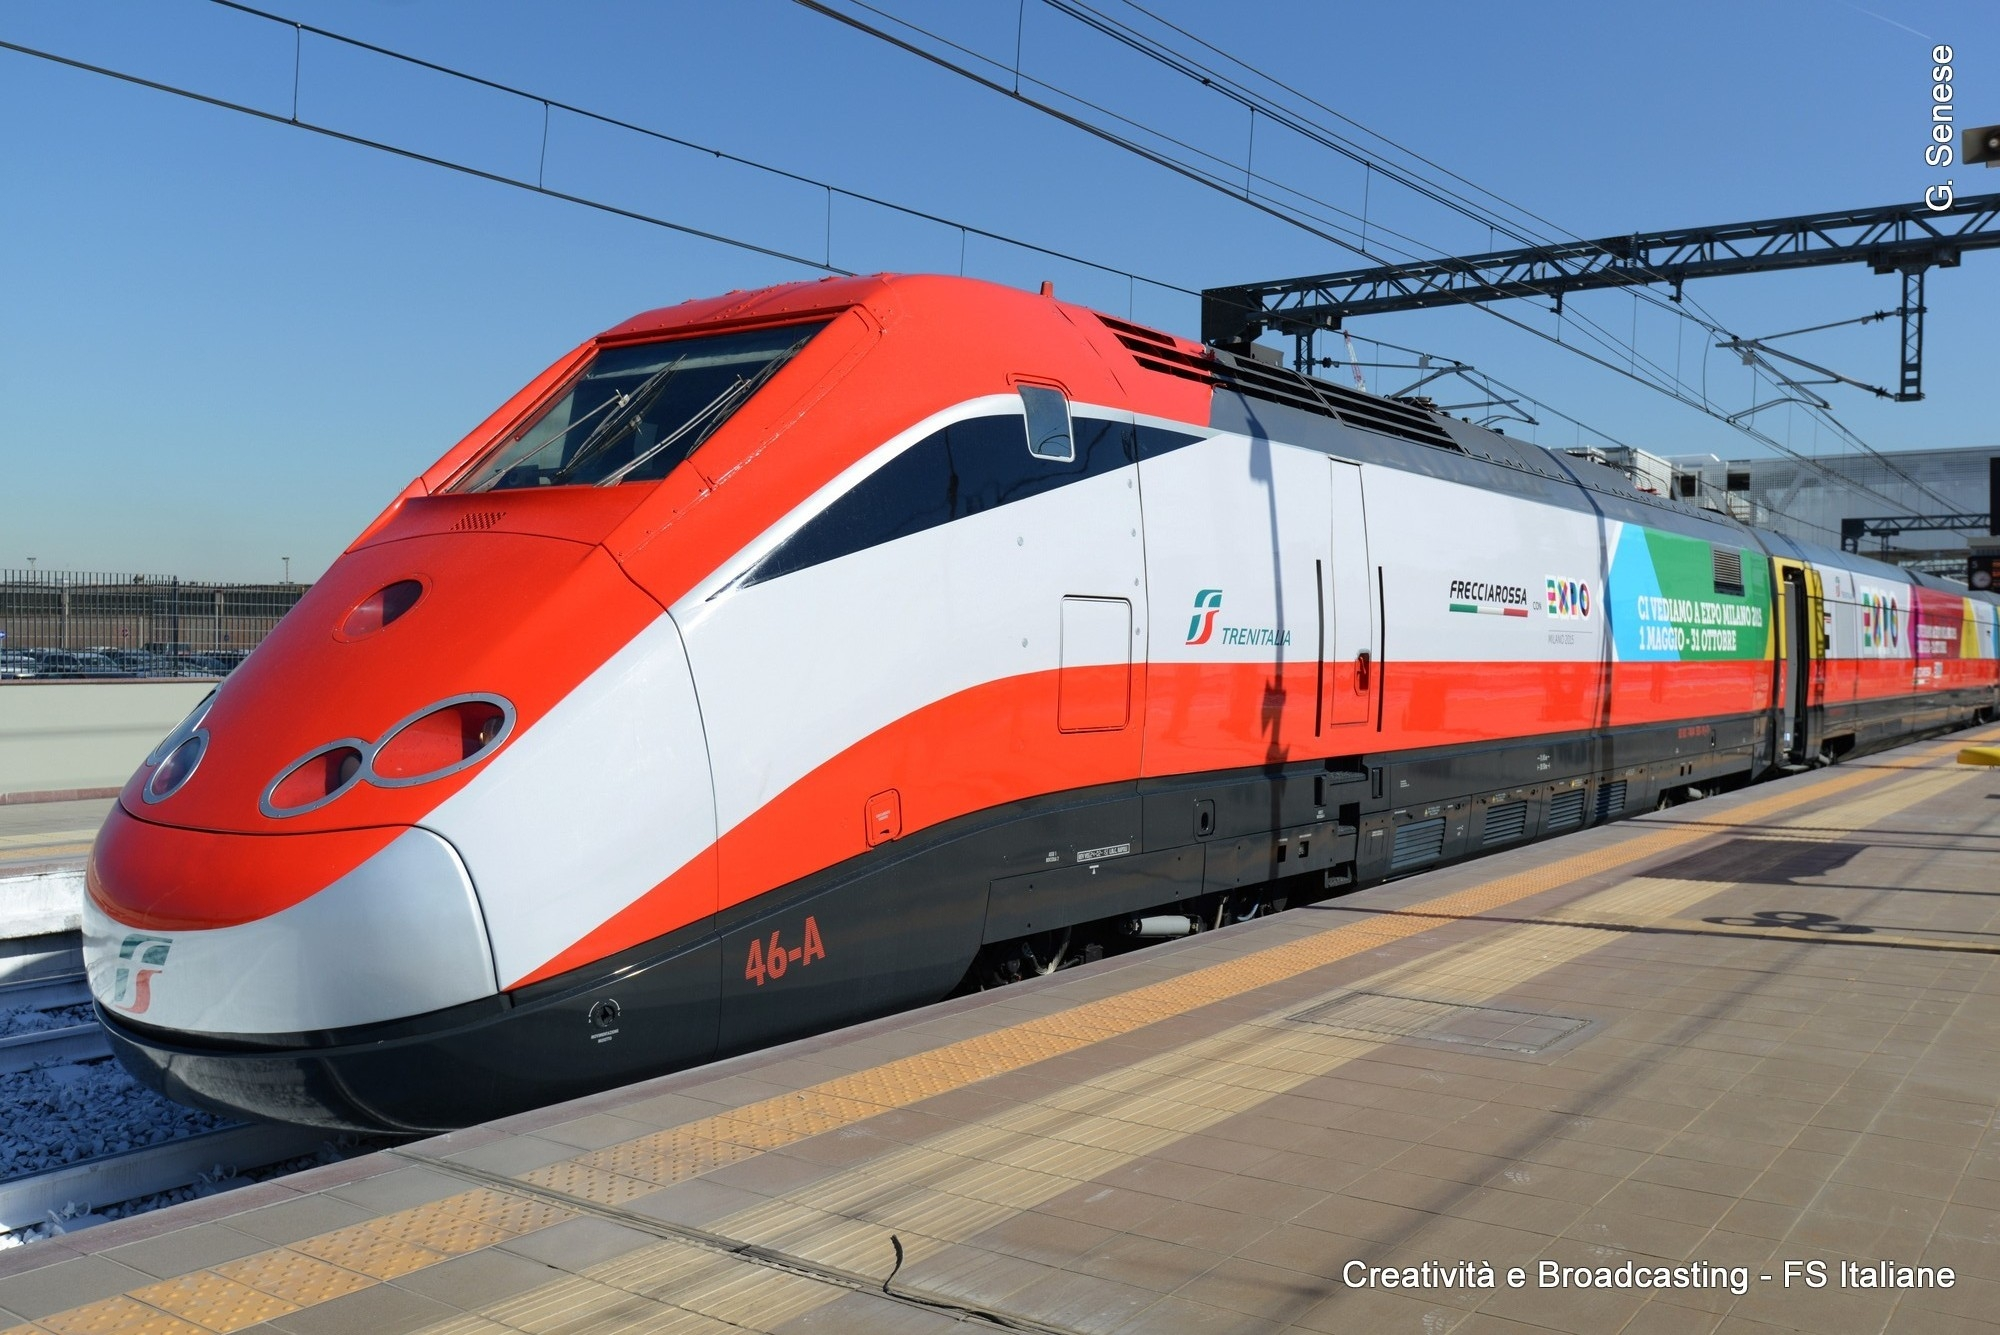 Il FrecciaRossa in livrea Expo2015 nella nuova stazione di Rho Fiera Expo2015 - Foto Gruppo Ferrovie dello Stato Italiane